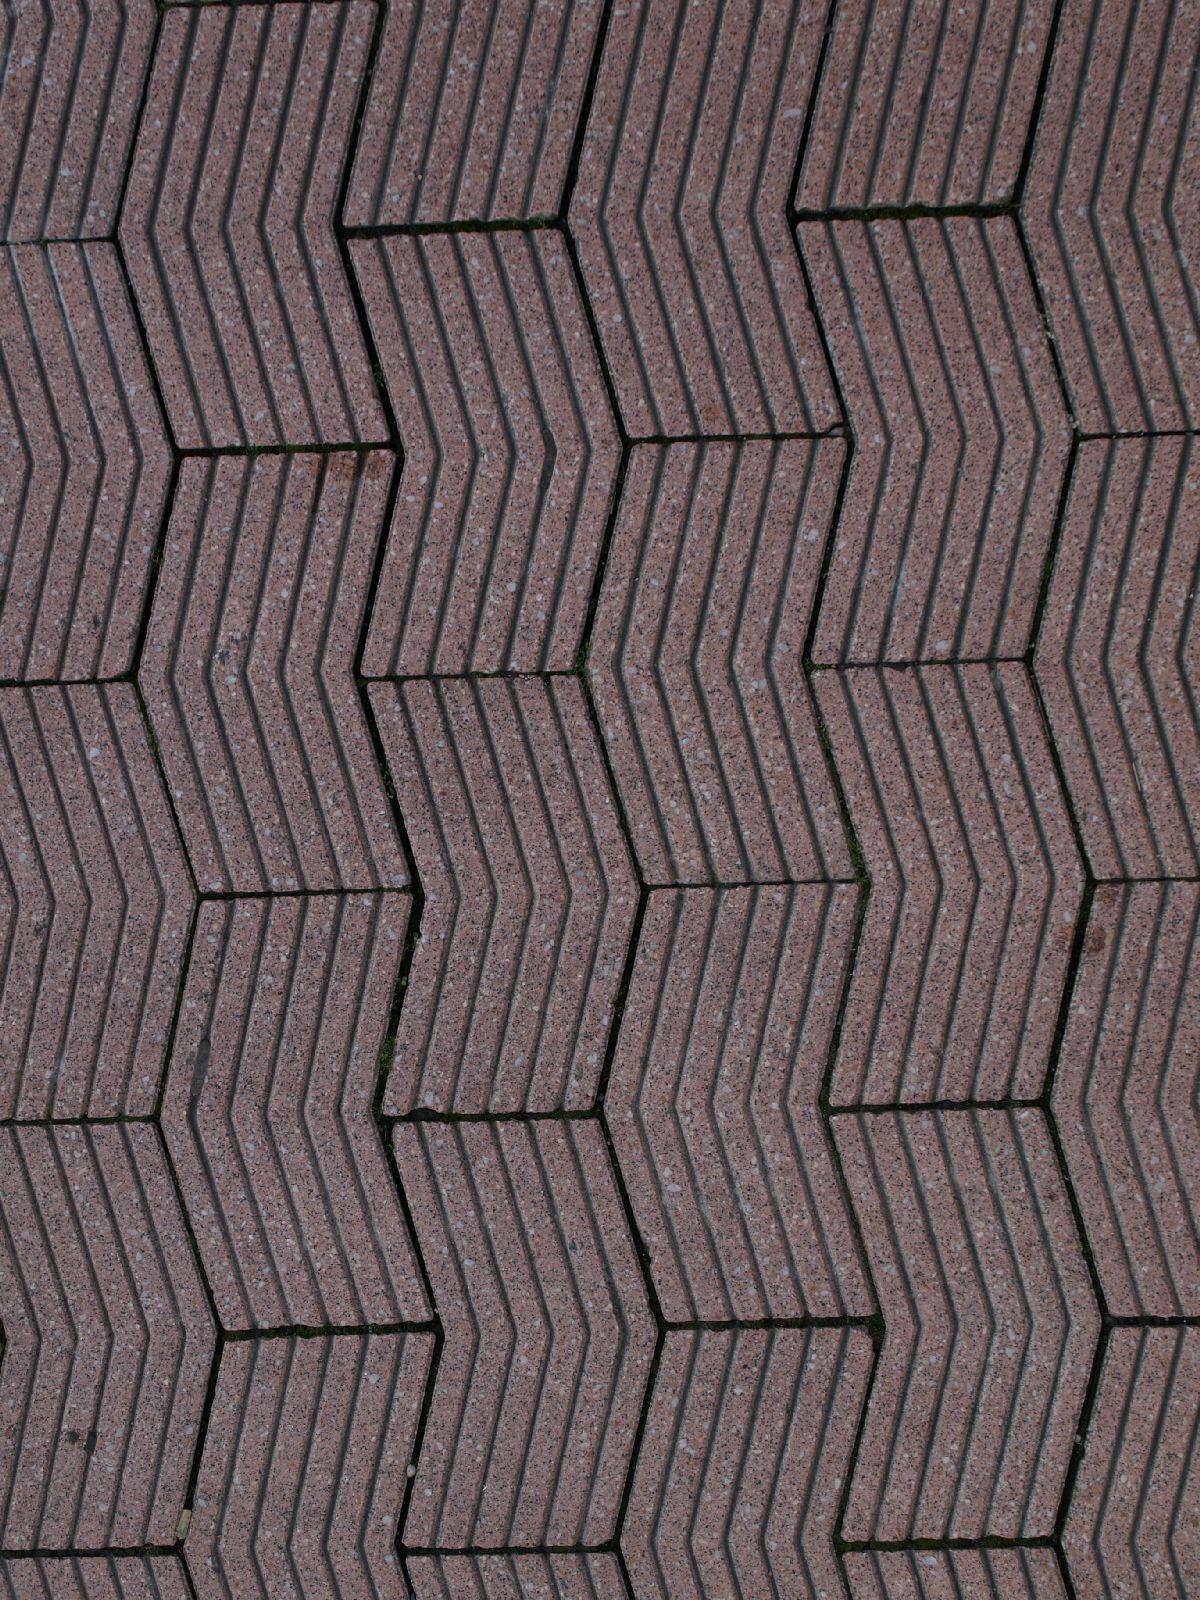 Ground-Urban_Texture_A_P6223572